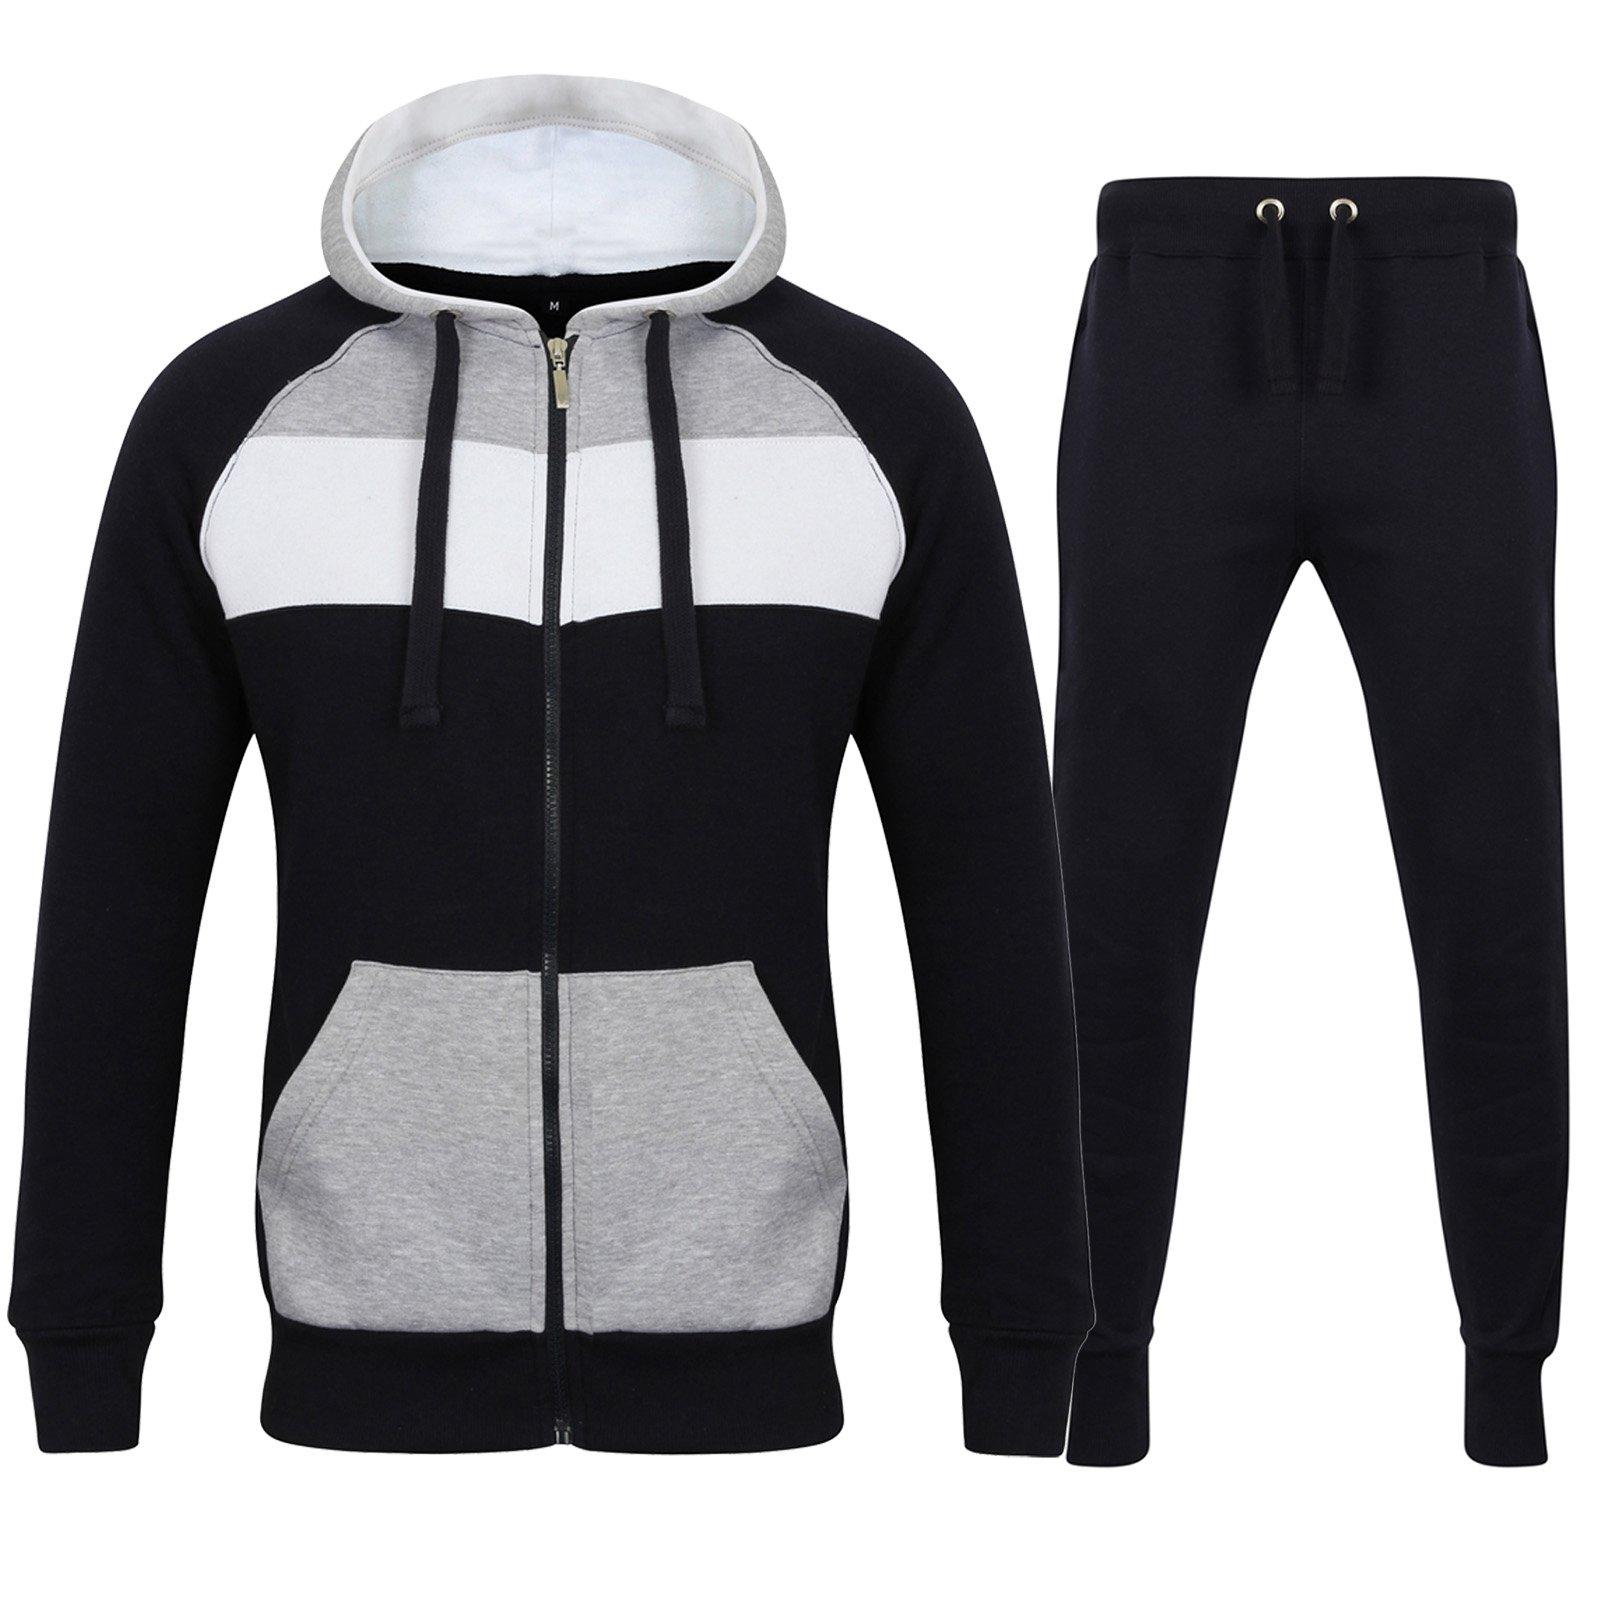 8d1eb8fd0efa6 Fabrica Fashion Complet pour Homme Polaire Uni Survêtement à Fermeture  Éclair Sweat à Capuche Jogging Polaire